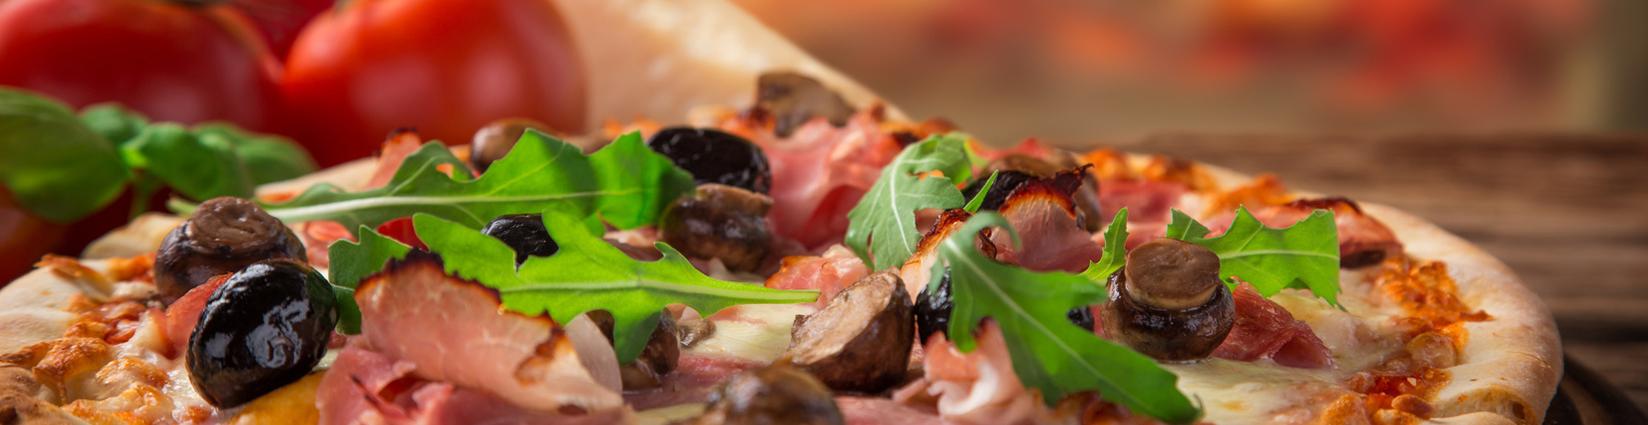 Ristorante Pizzeria Al Terrazzo Napoli